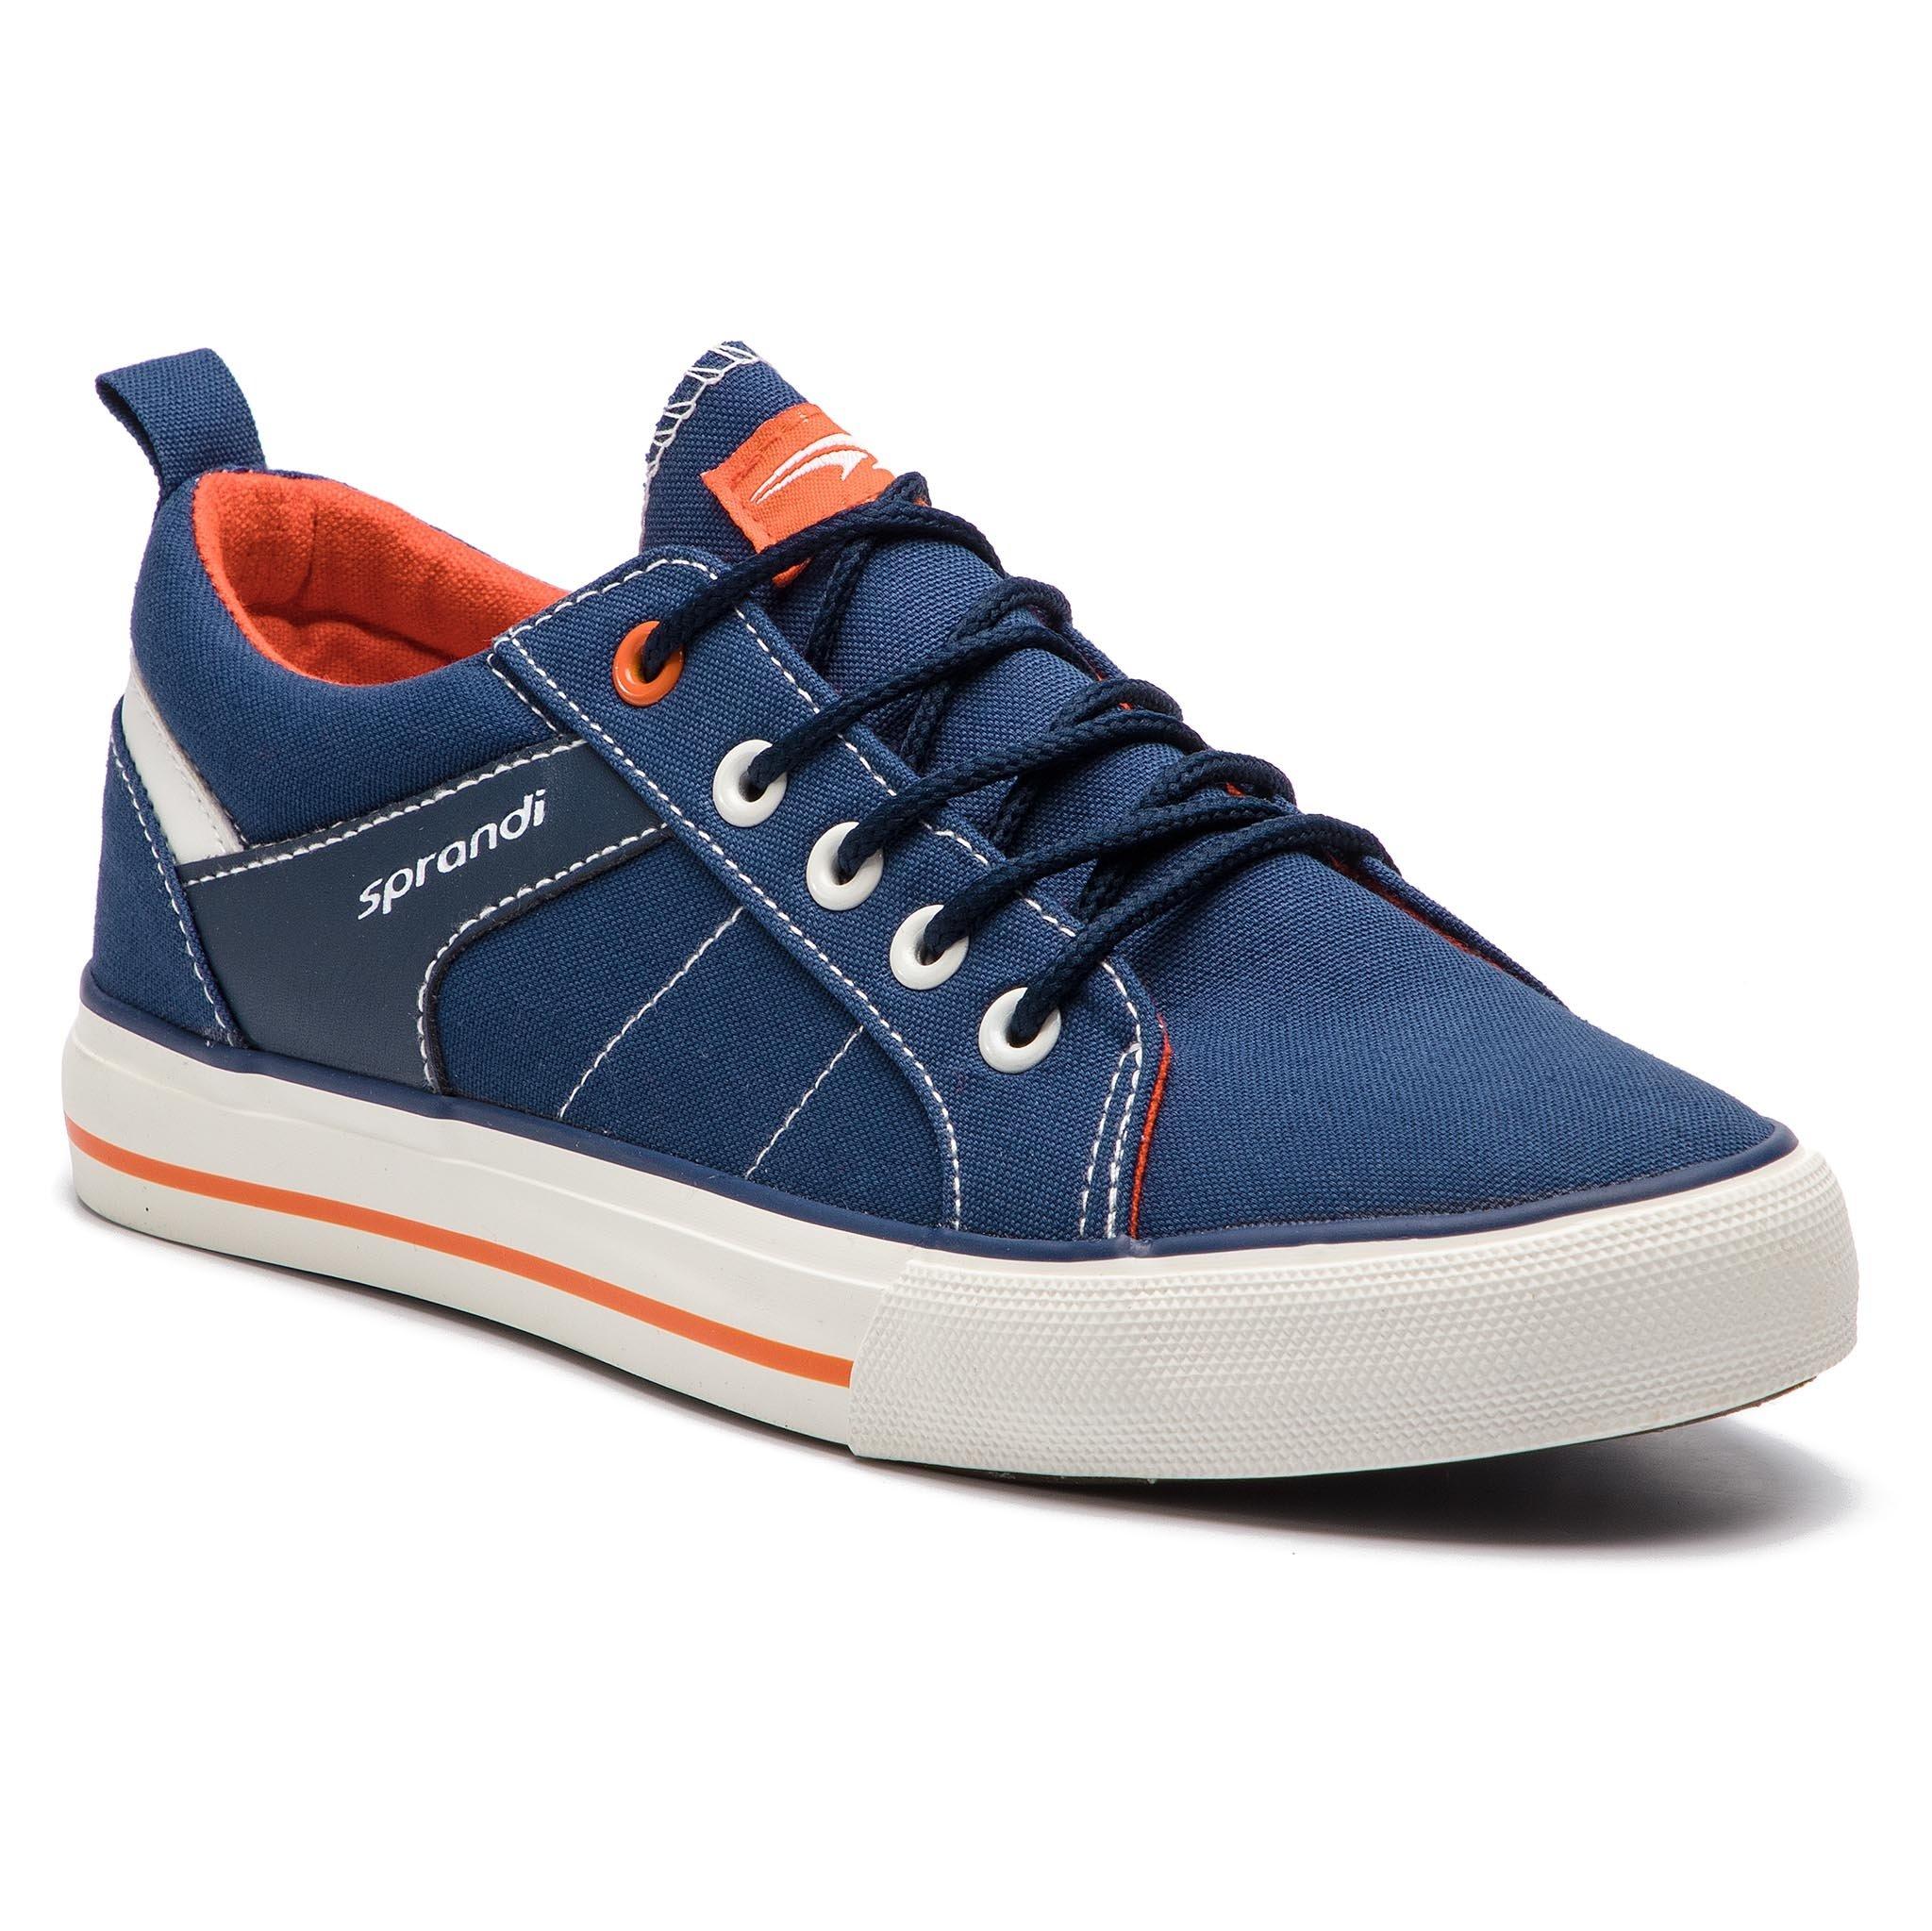 Rekreačná obuv Sprandi BP40-8906Z tmavomodrá Detské - Chlapčenské - https    ccc.eu 6a4f7af024a